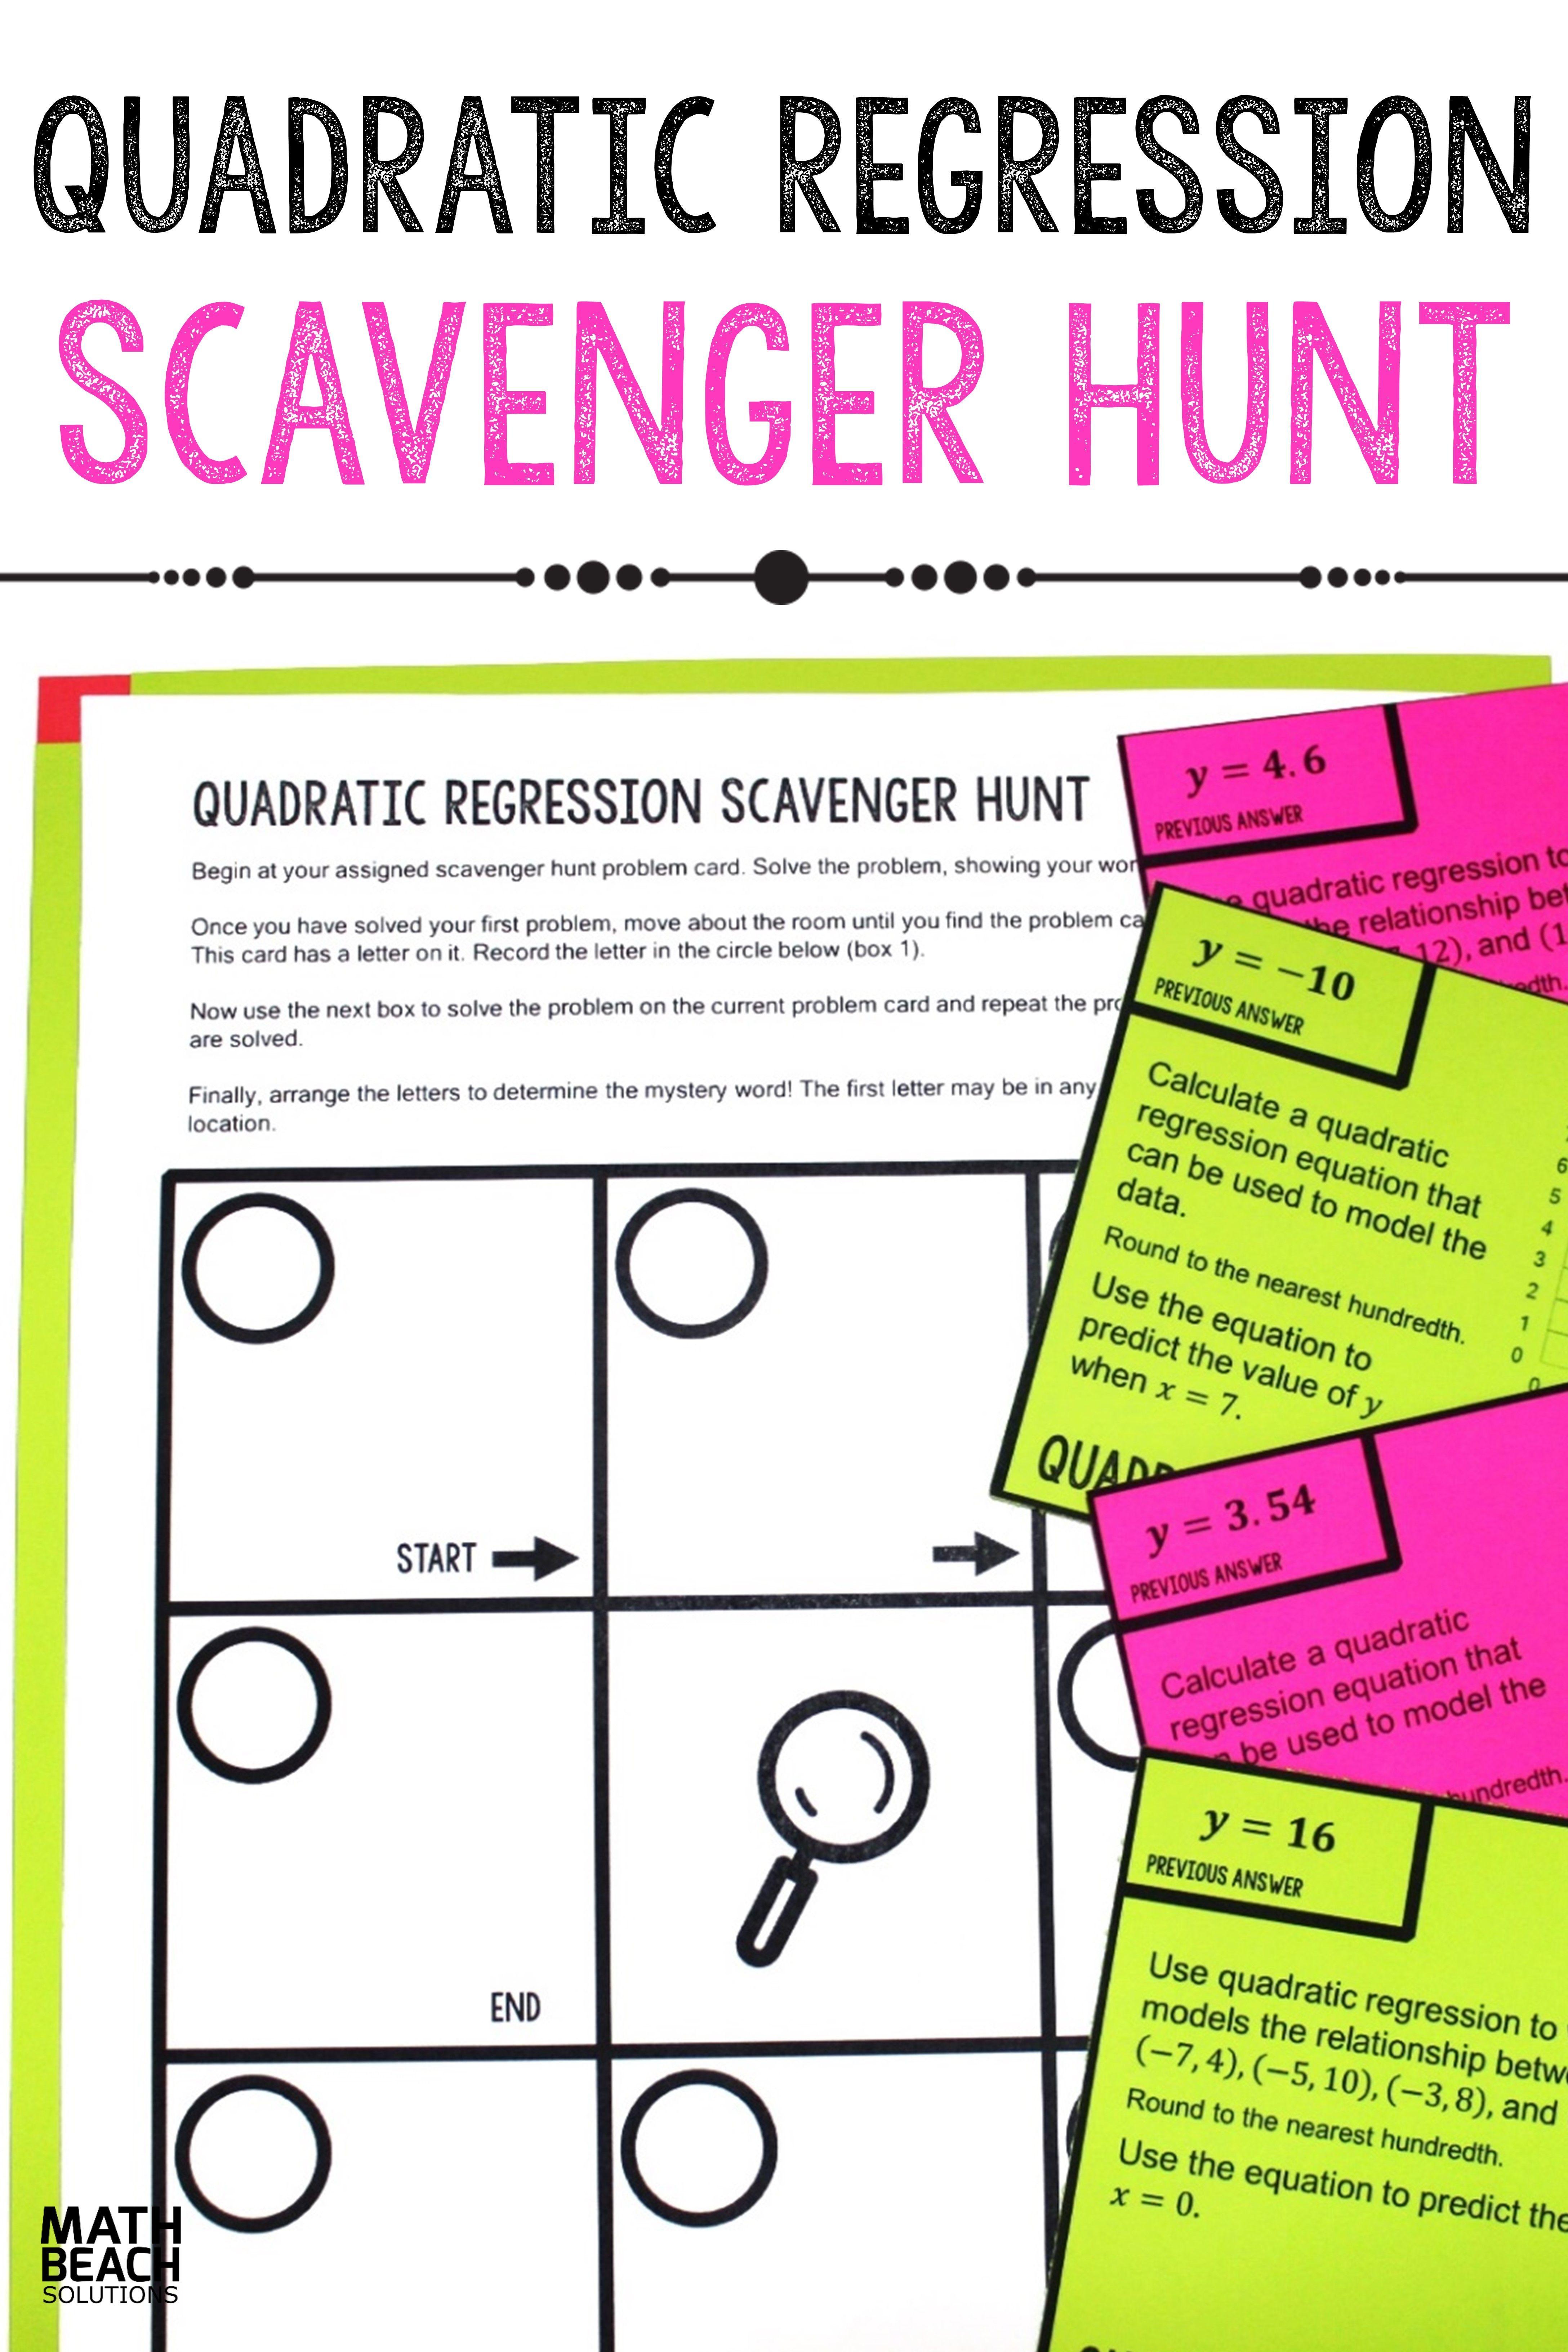 Quadratic Regression Scavenger Hunt Activity